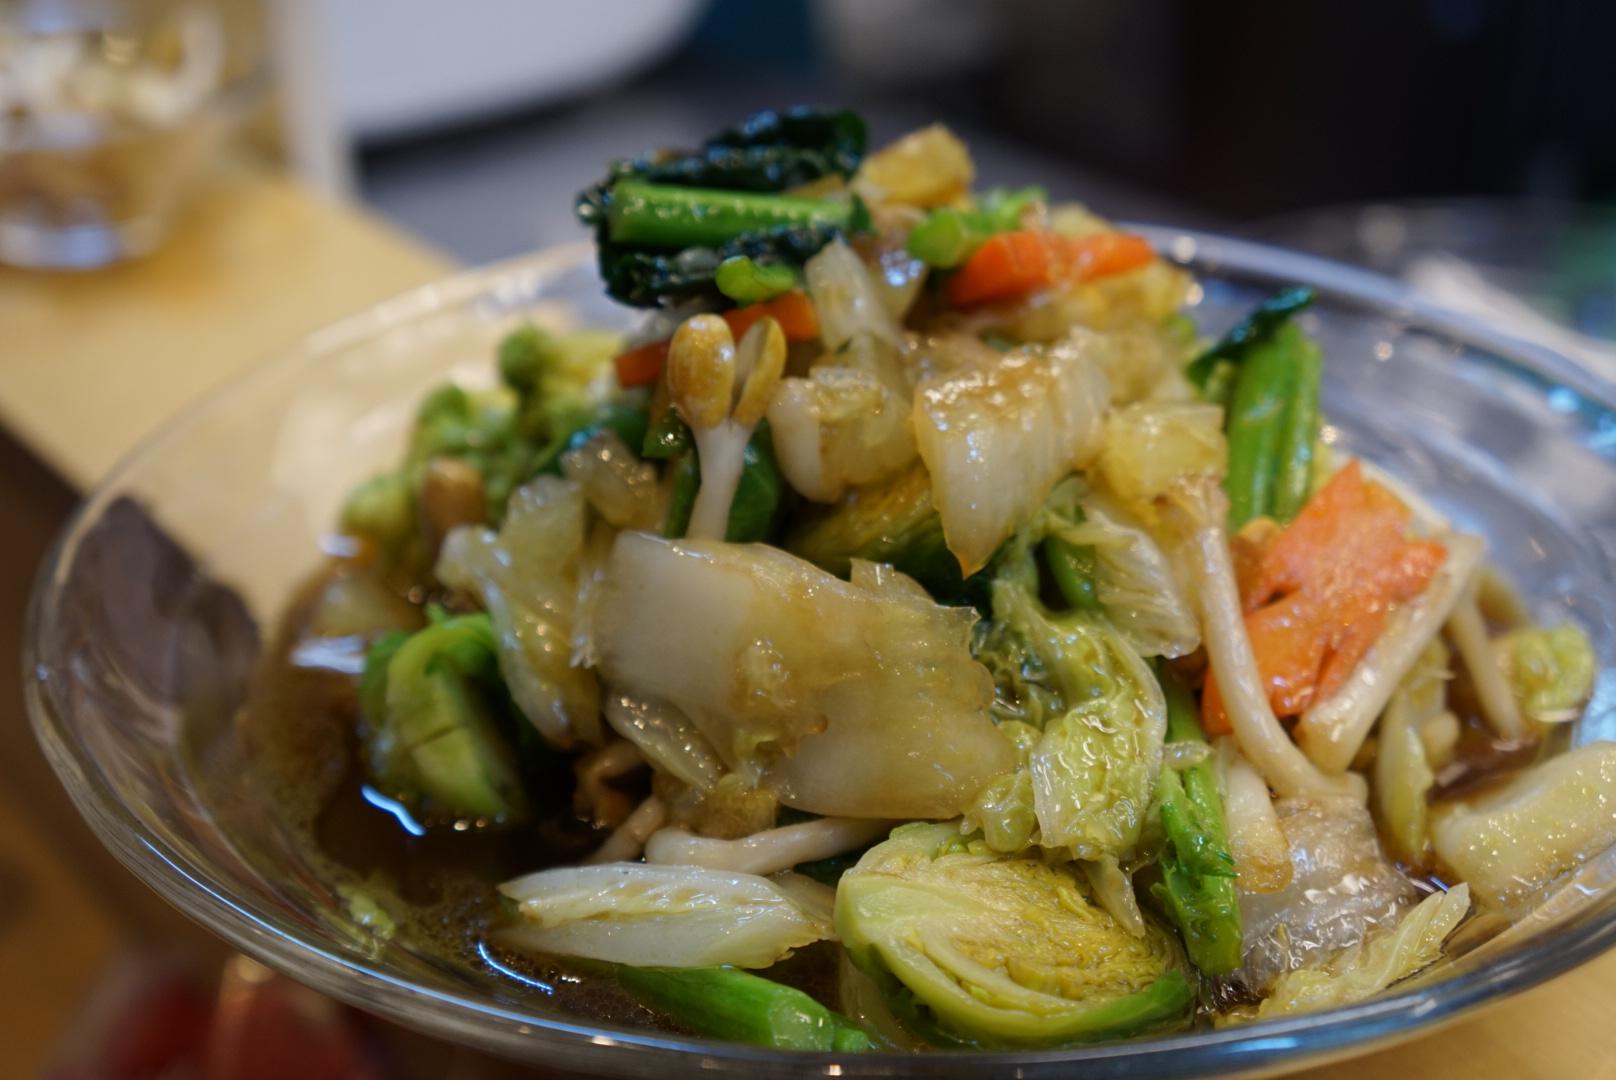 お野菜たっぷりの温野菜サラダ、練馬で作った文旦をドレッシングとして